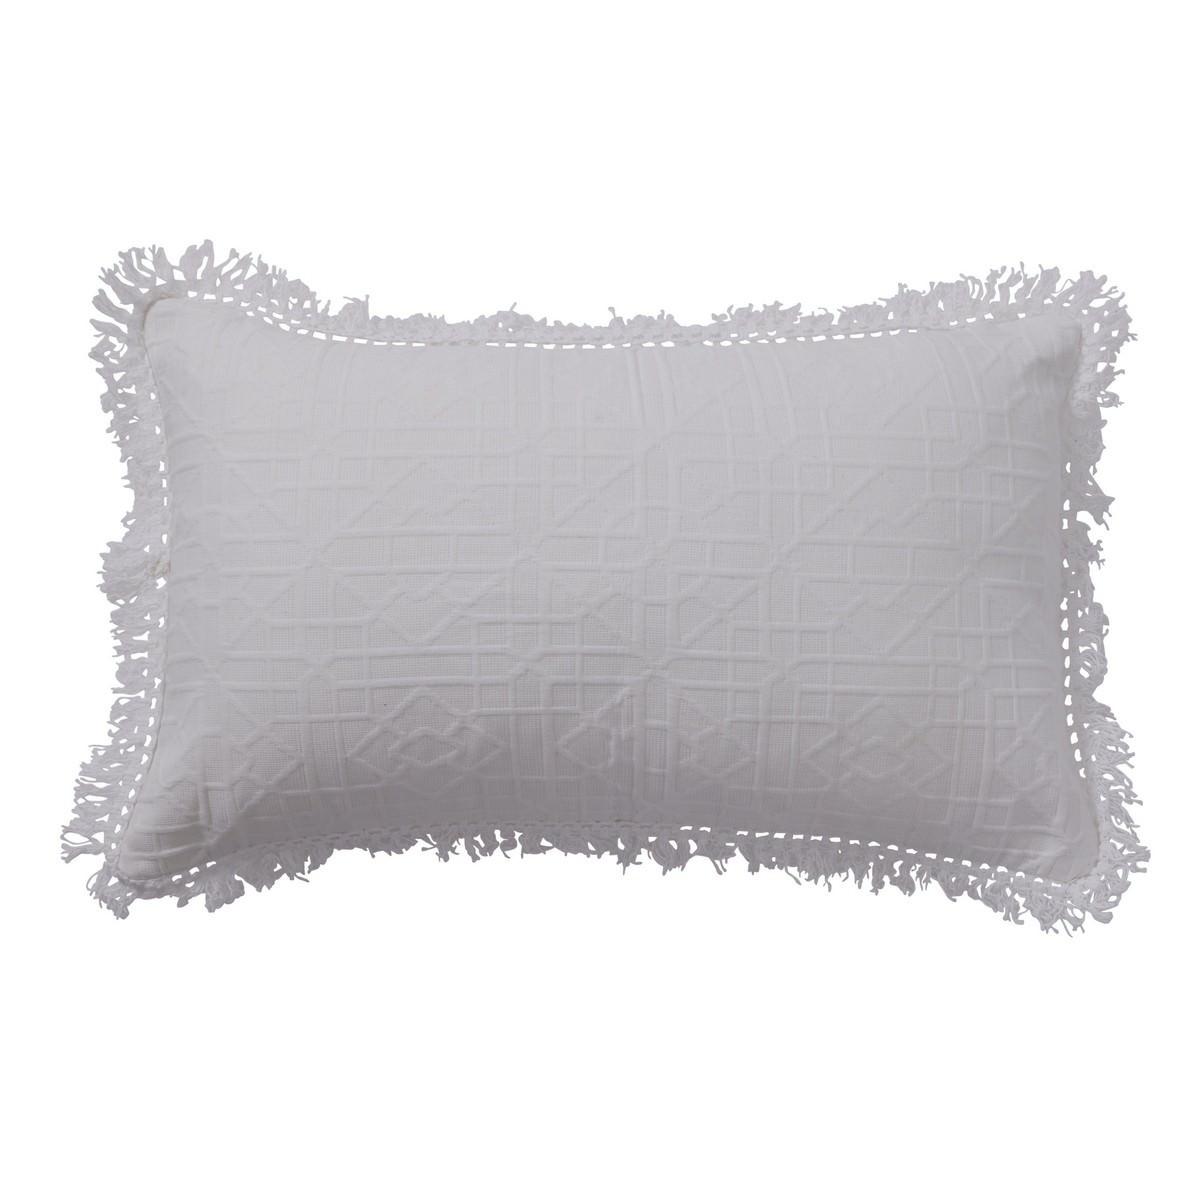 Matilda Lumbar Cushion